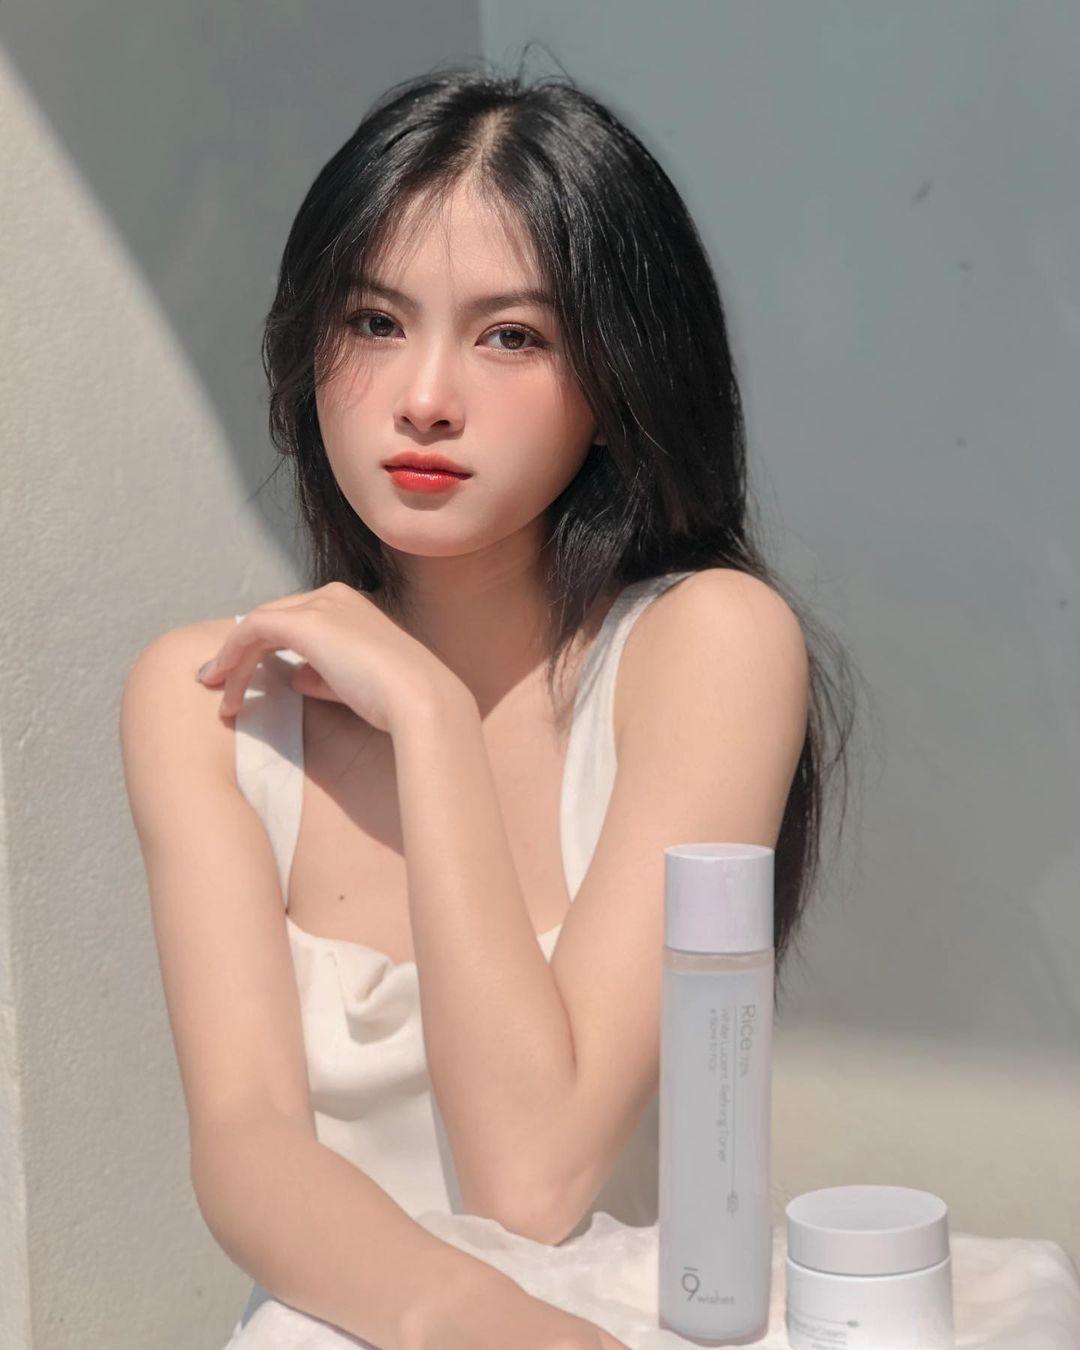 [人物]清纯越南妹子「Leely」辣穿奥黛,让人不被她掳获都不行啊. 养眼图片 第16张